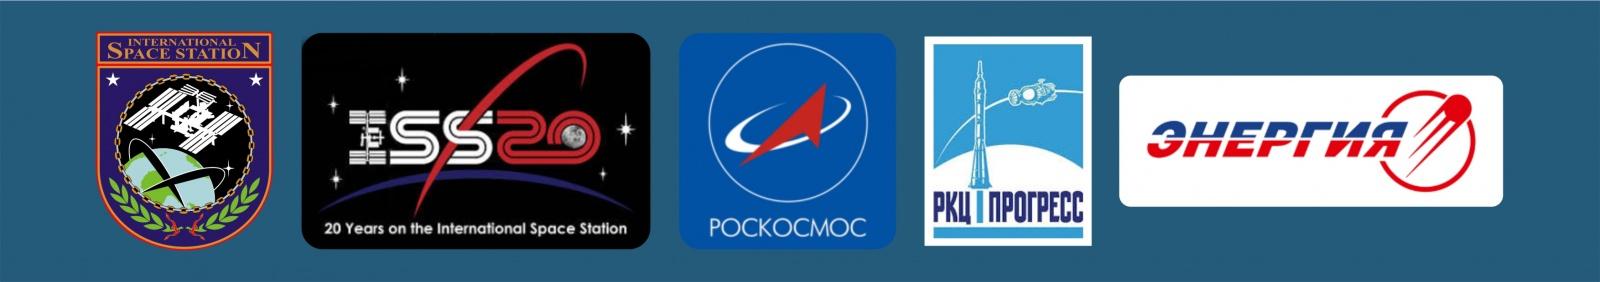 Успешный запуск. Грузовой корабль к МКС. Запуски 2020 года: 56-й; 50-й успешный; 8-й от России - 3